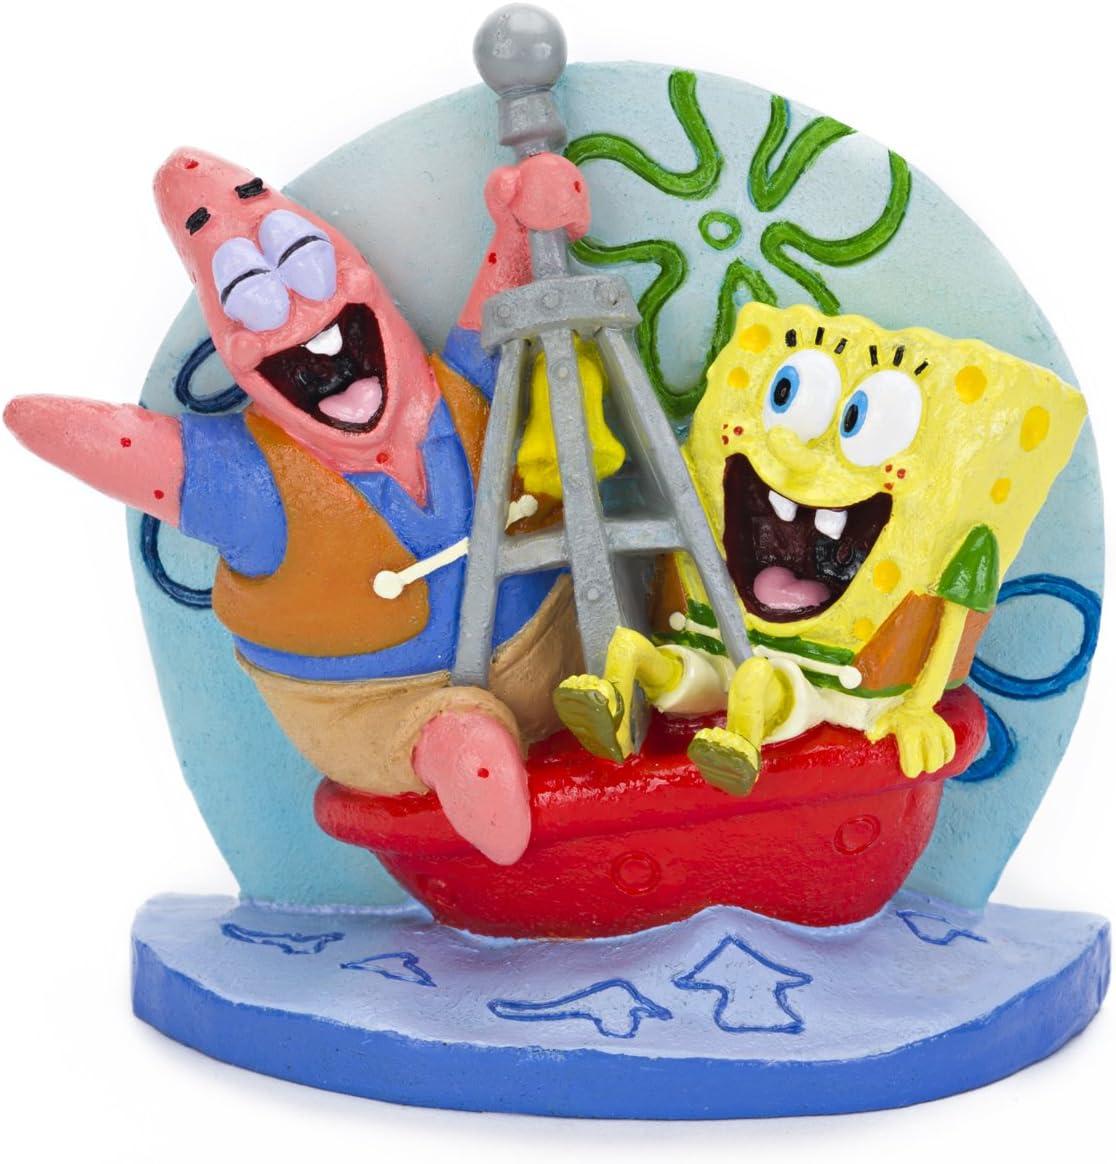 Penn Plax SpongeBob and Patrick on a Buoy Aquarium Ornament